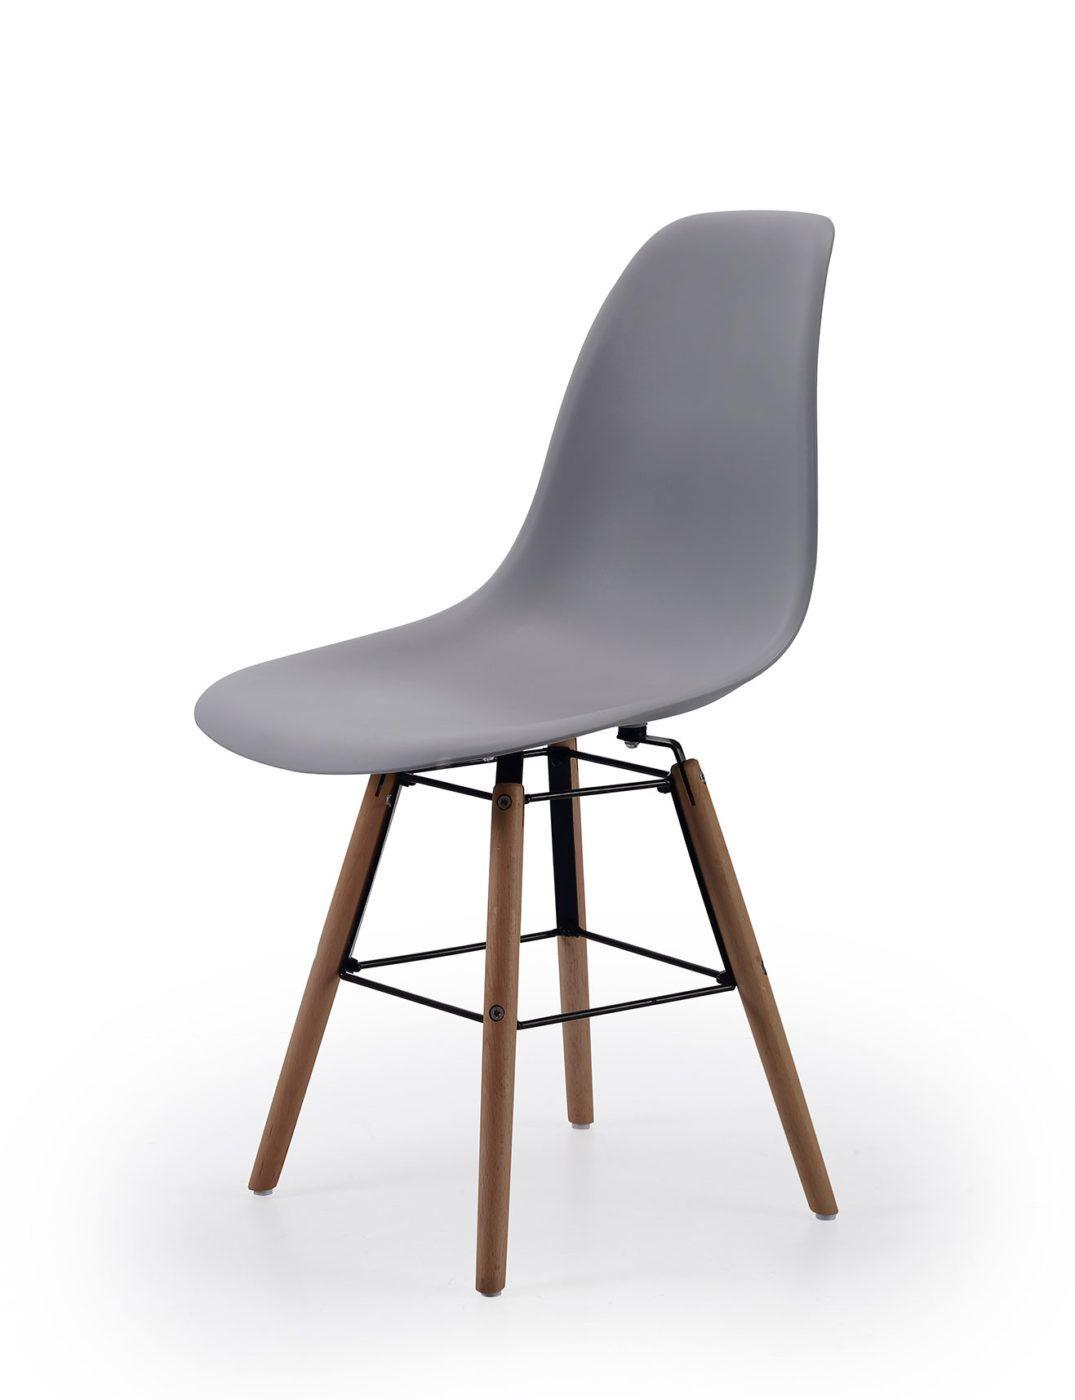 mejor silla comedor 2019